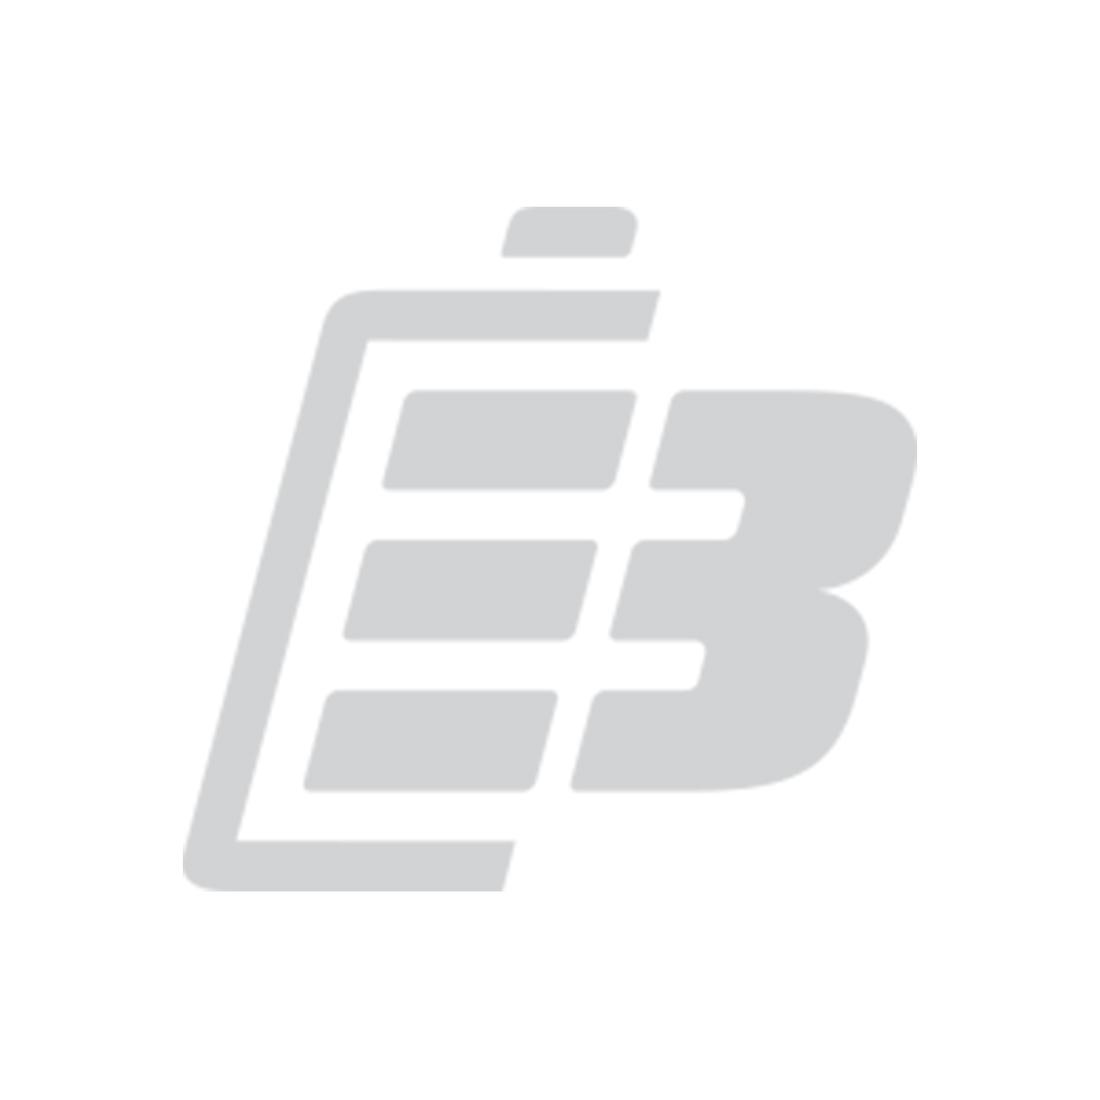 Μπαταρία smartphone HTC Touch Diamond_1